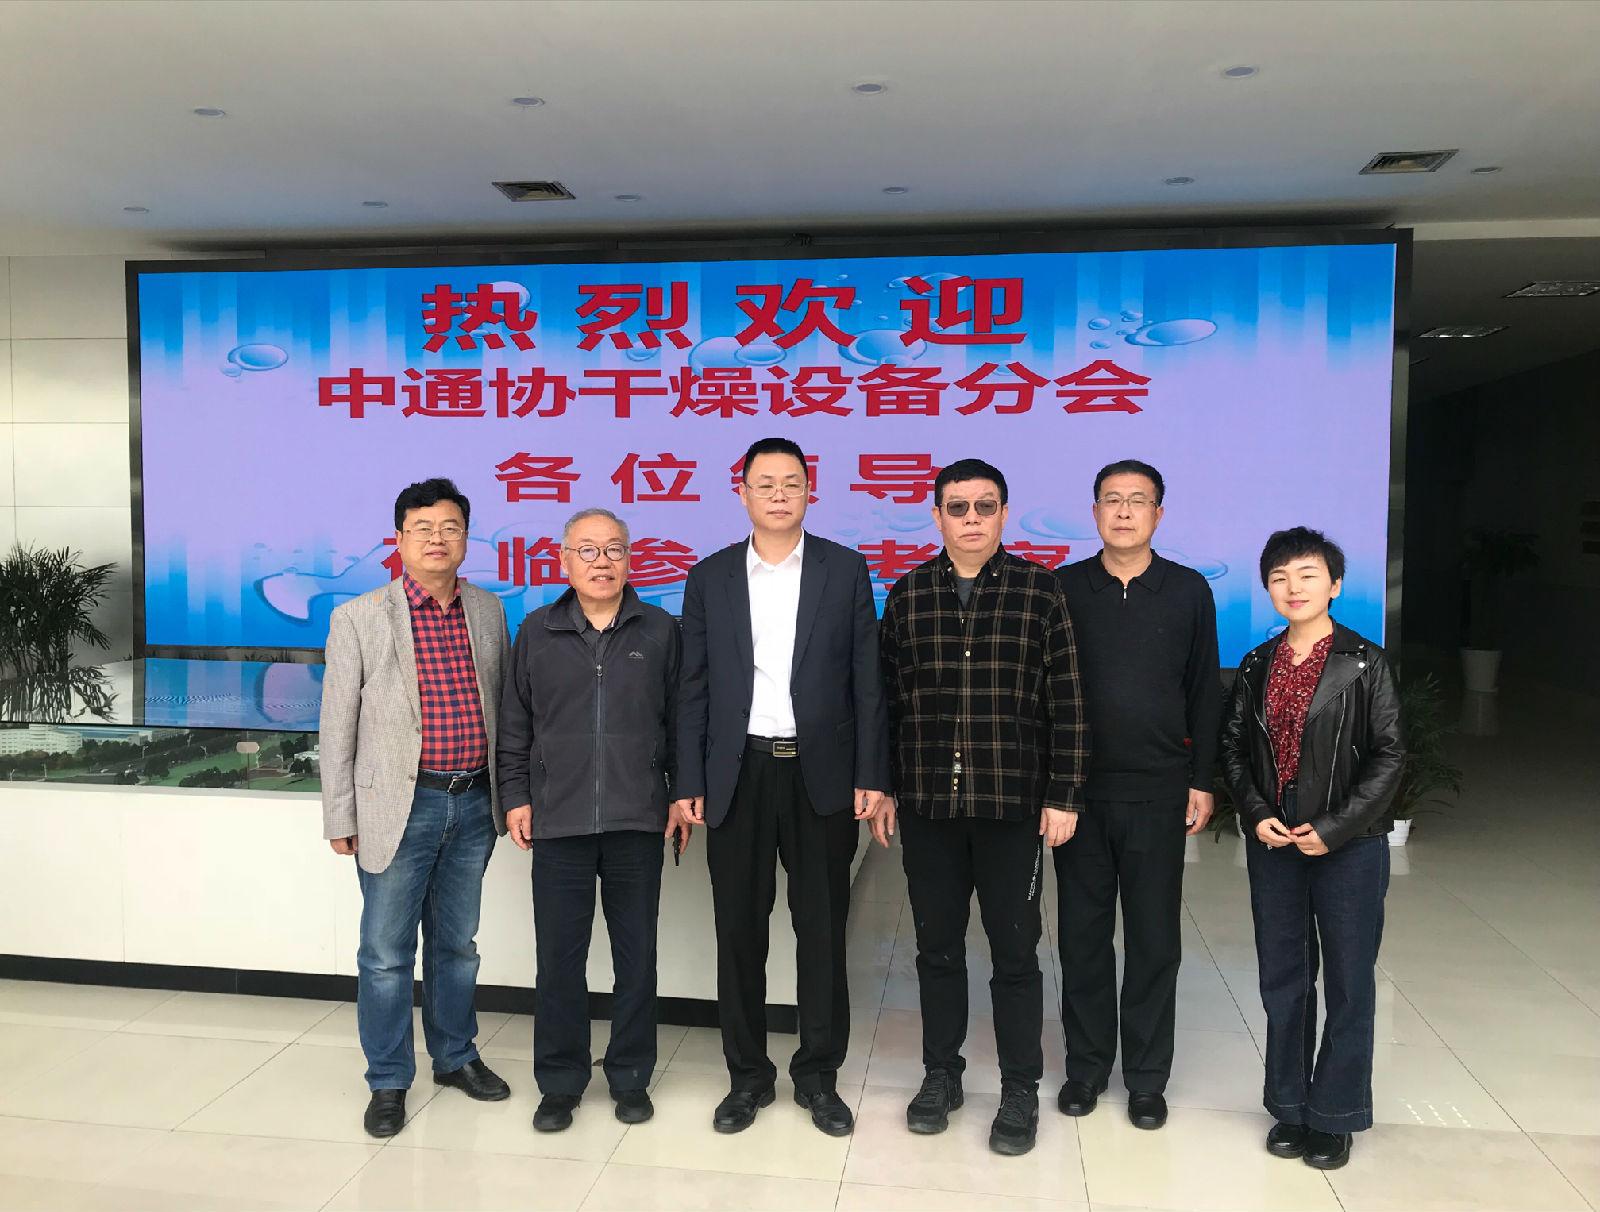 中通协干燥设备分会在浙江、宁波、上海 开展行业调研活动